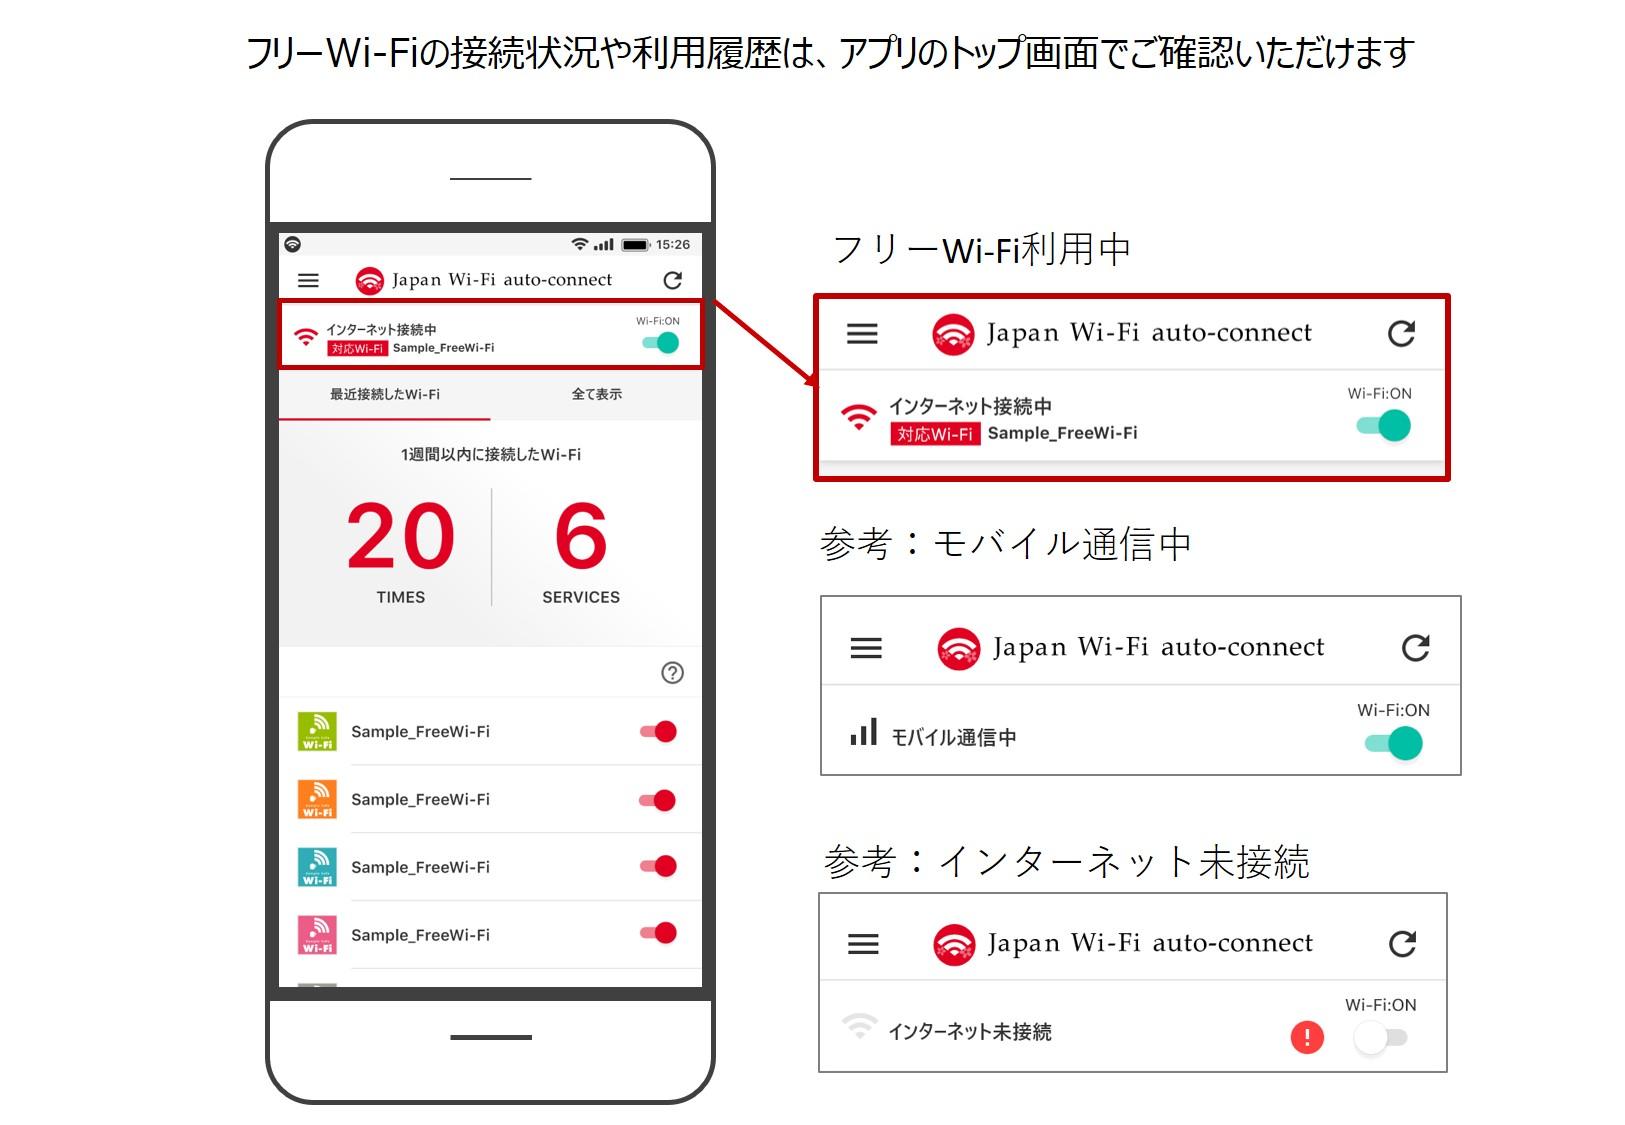 フリーWi-Fiの接続状況や利用履歴は、アプリのトップ画面でご確認いただけます(図3)